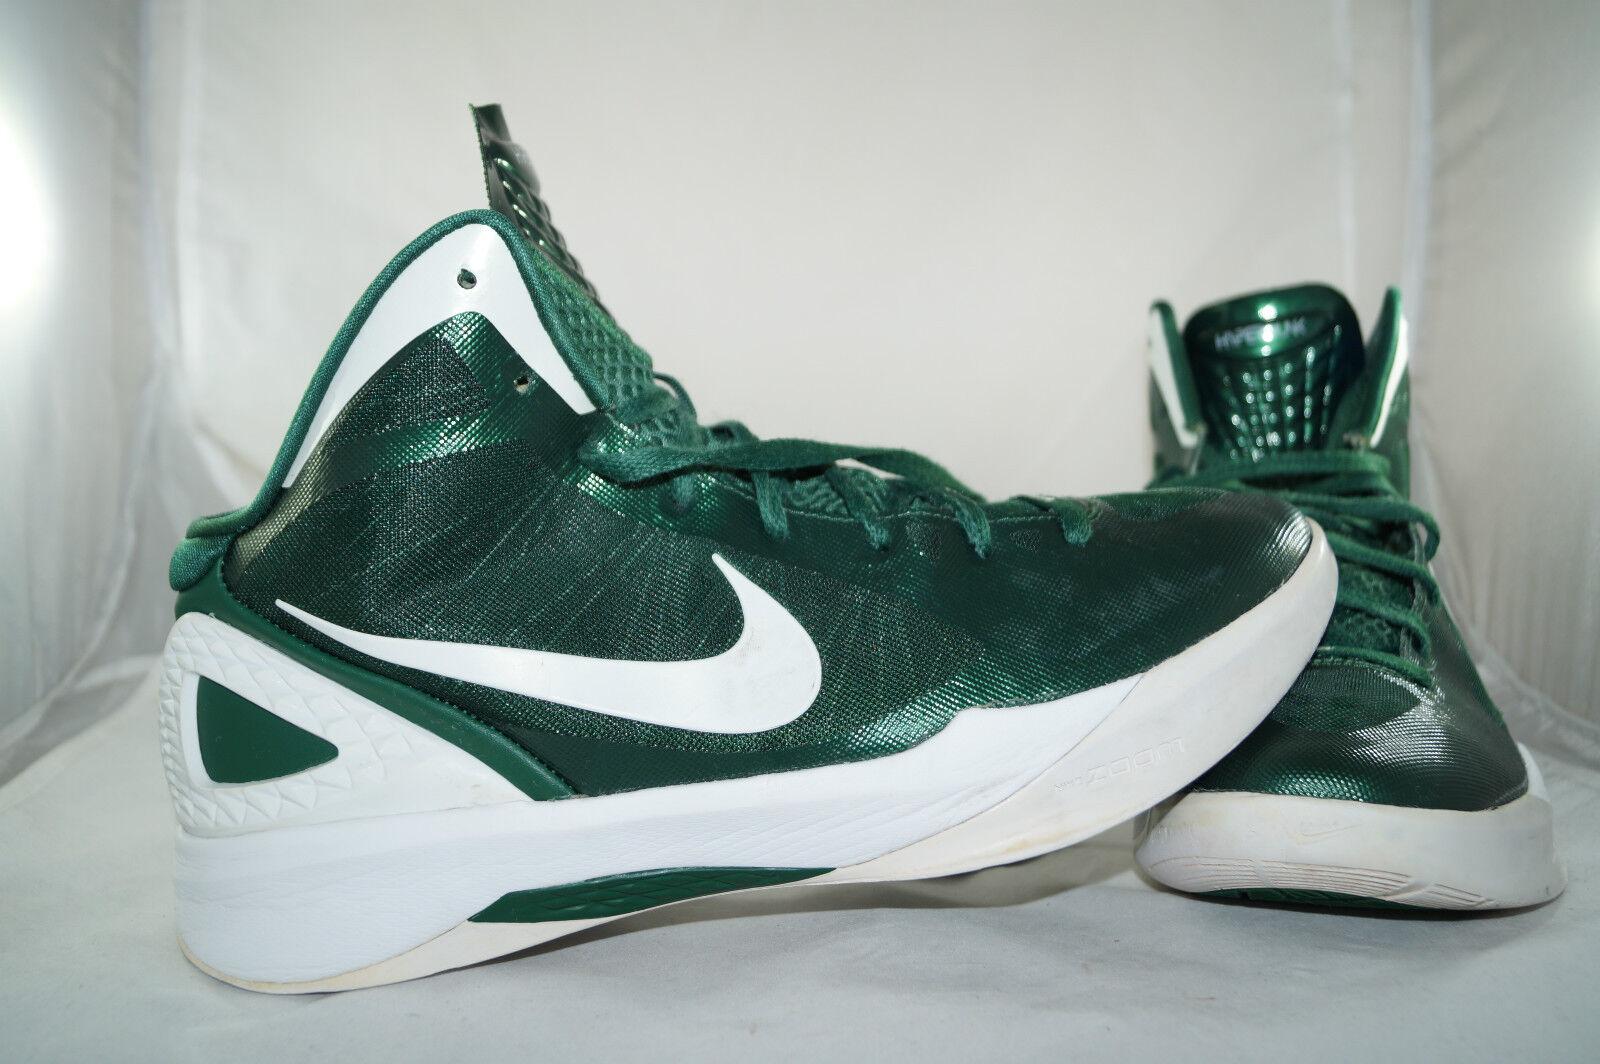 Nike Hyperdunk 2011 Gr: 45,5 - 44,5 Metallic Grün Basketball Mid High Tops